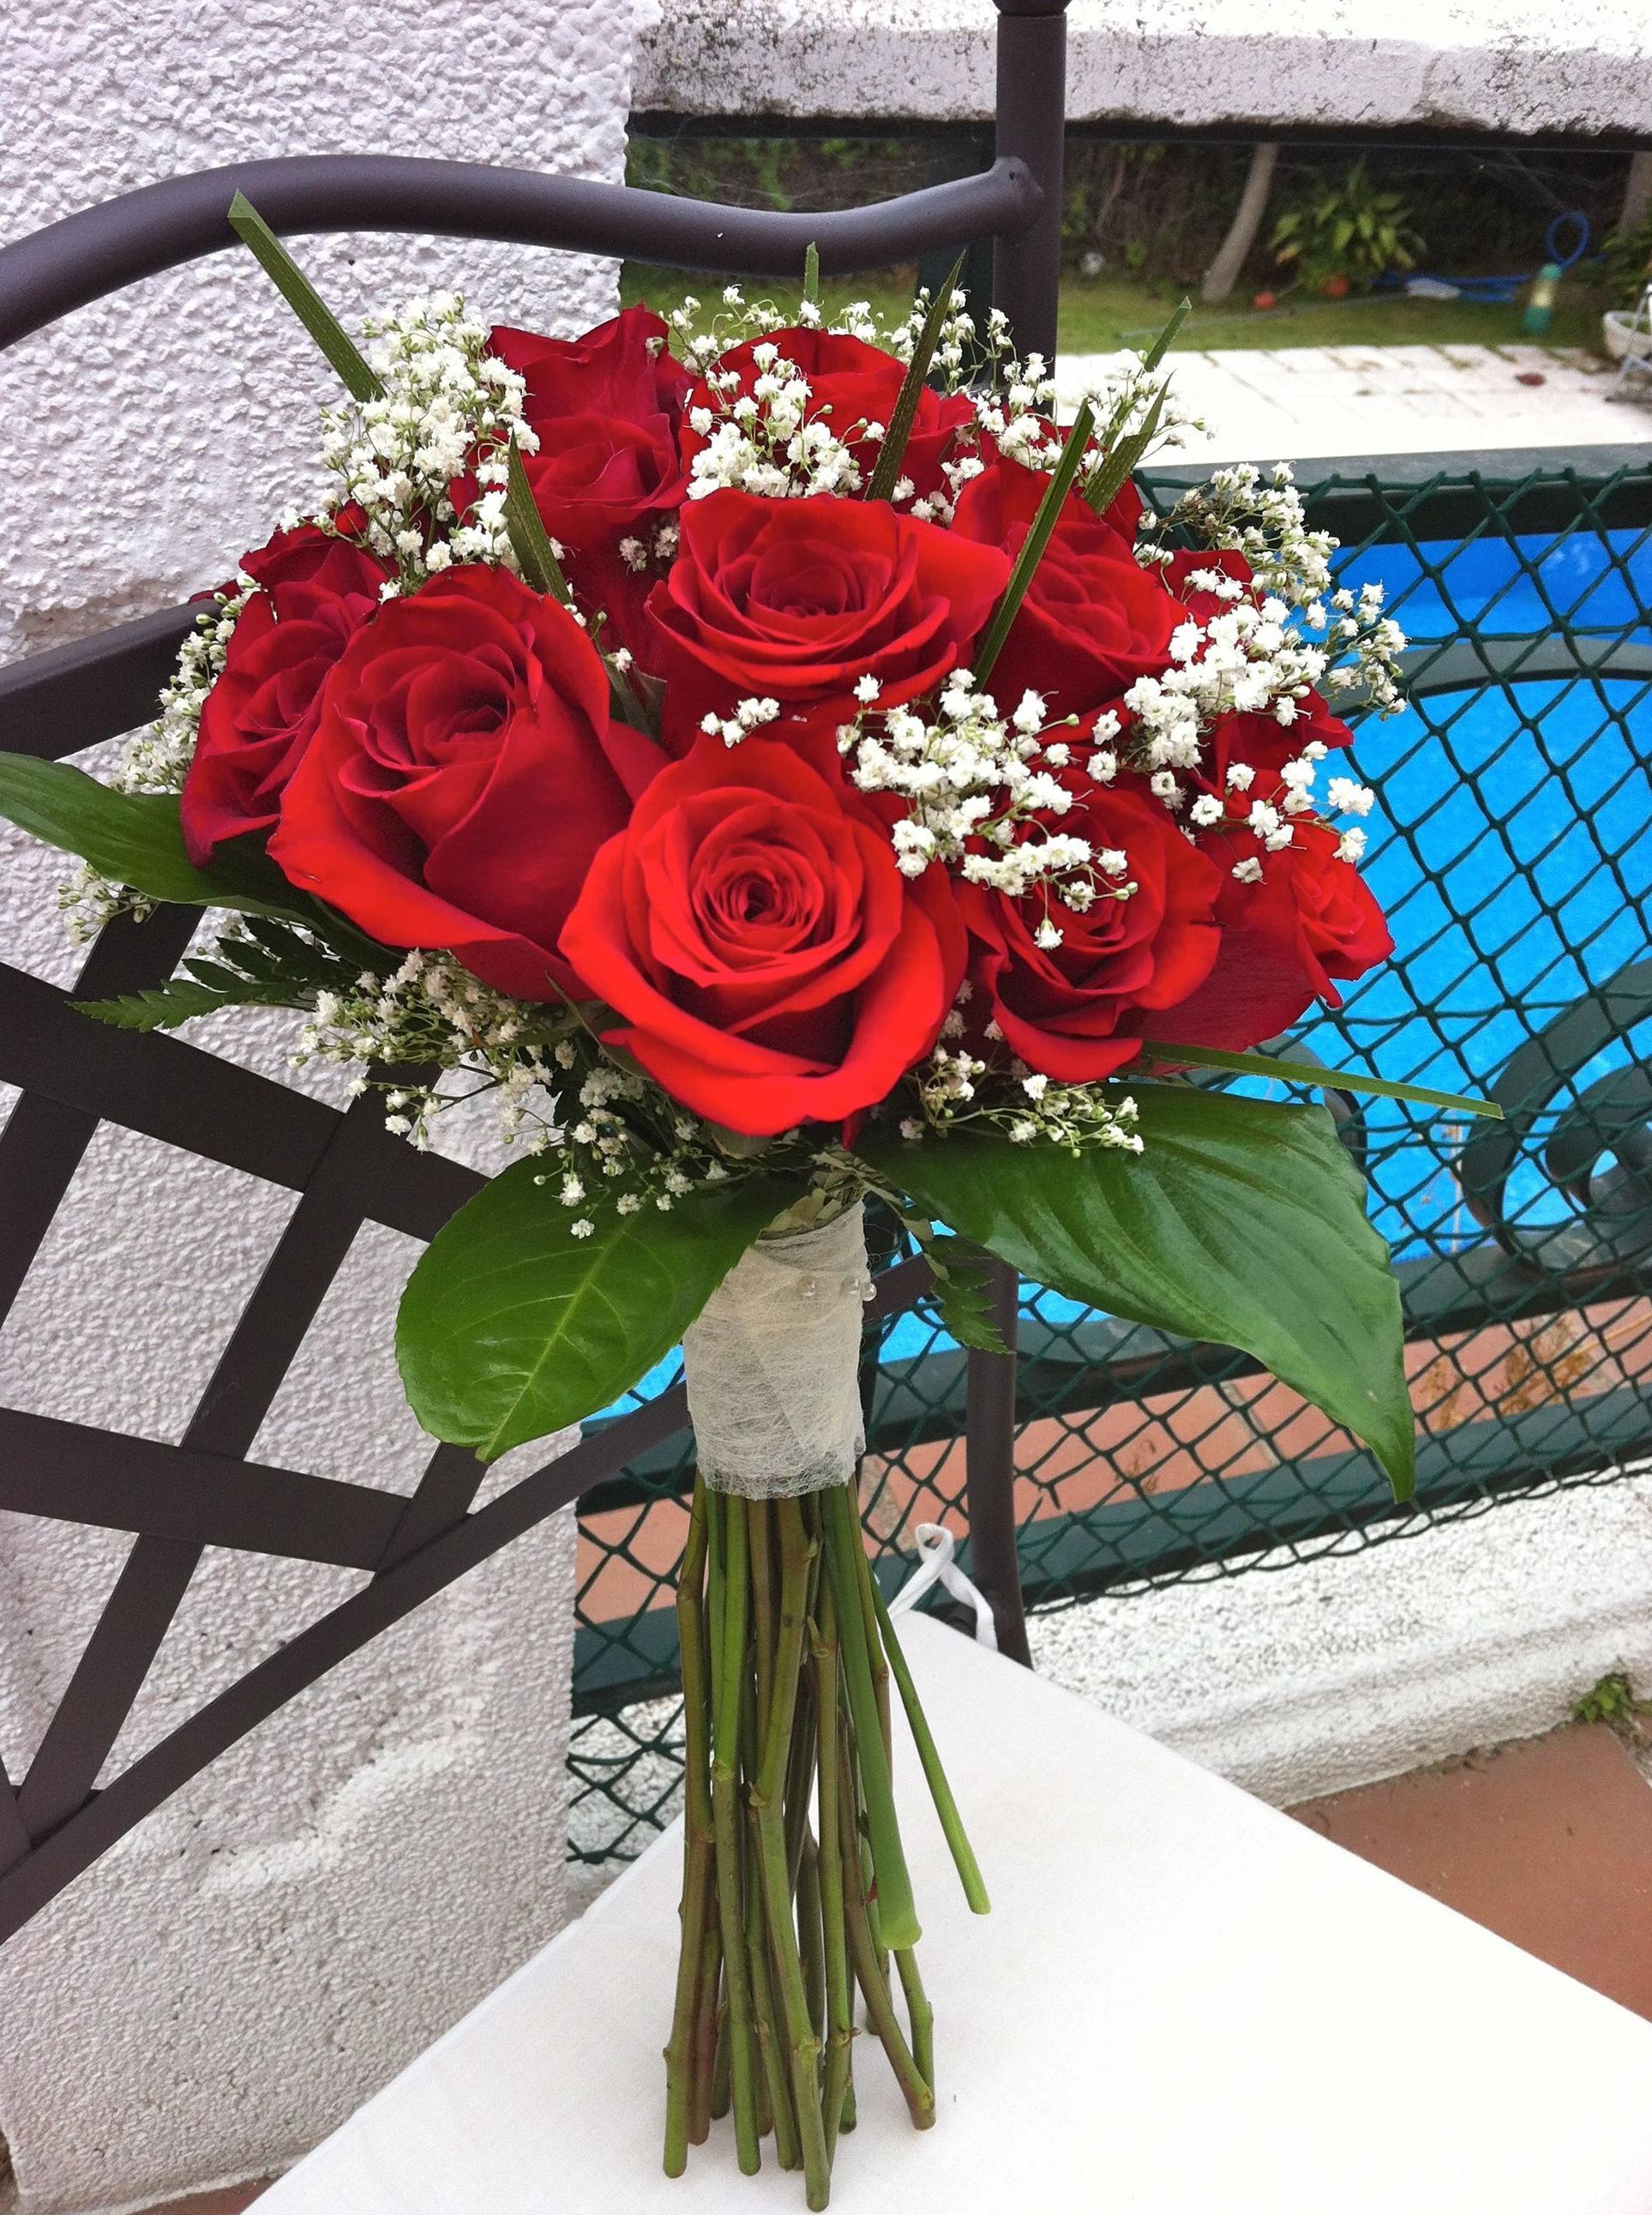 Bouquet de rosas rojas con tallos vistos